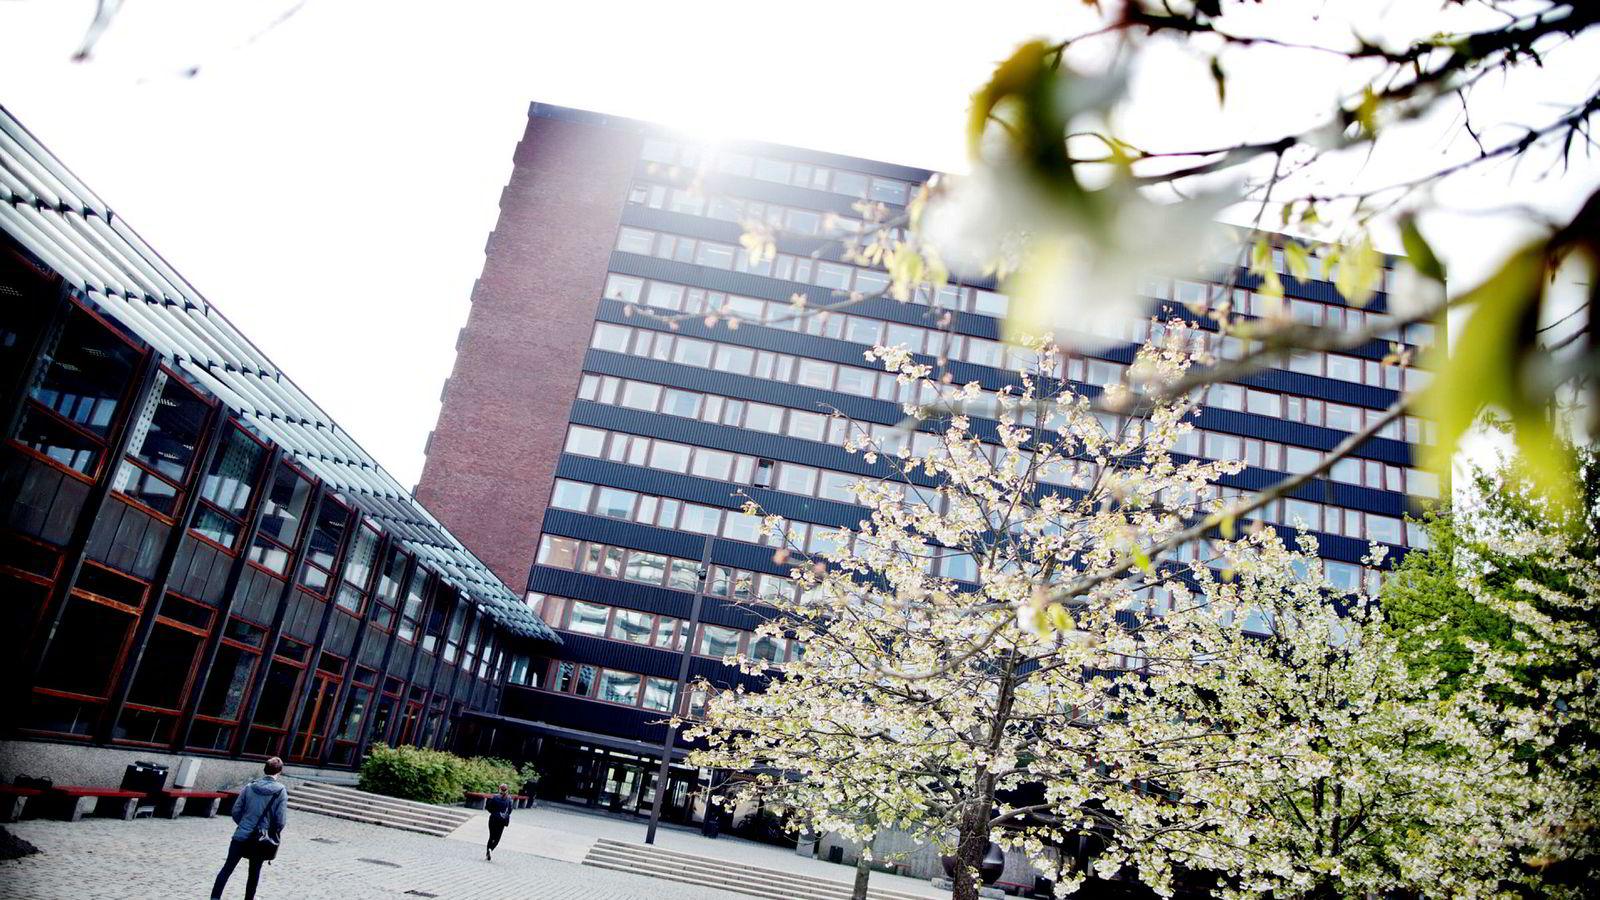 Nå får studentene mer penger å rutte med, her fra Universitet i Oslo på Blindern.